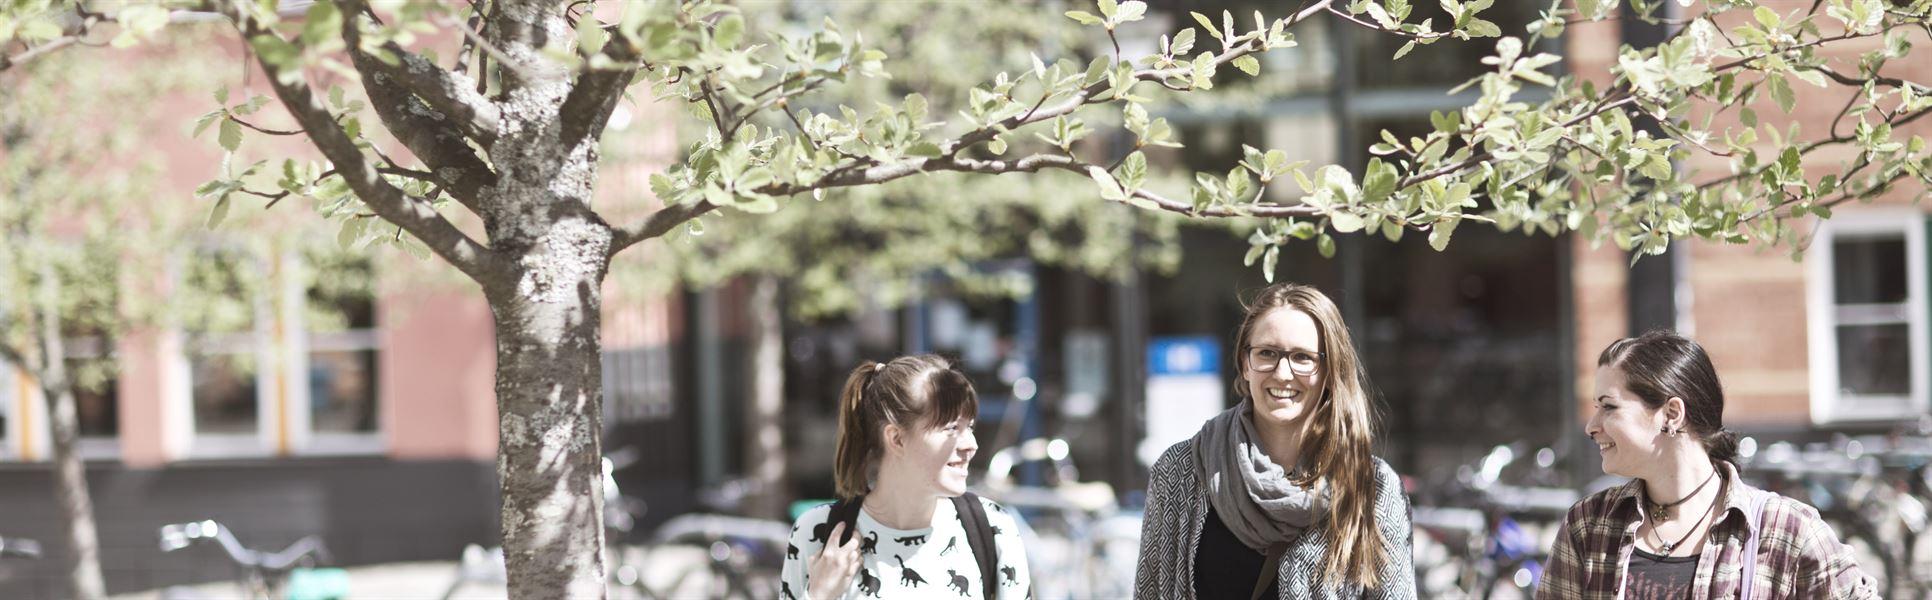 Studenter, Sundsvall, utomhus